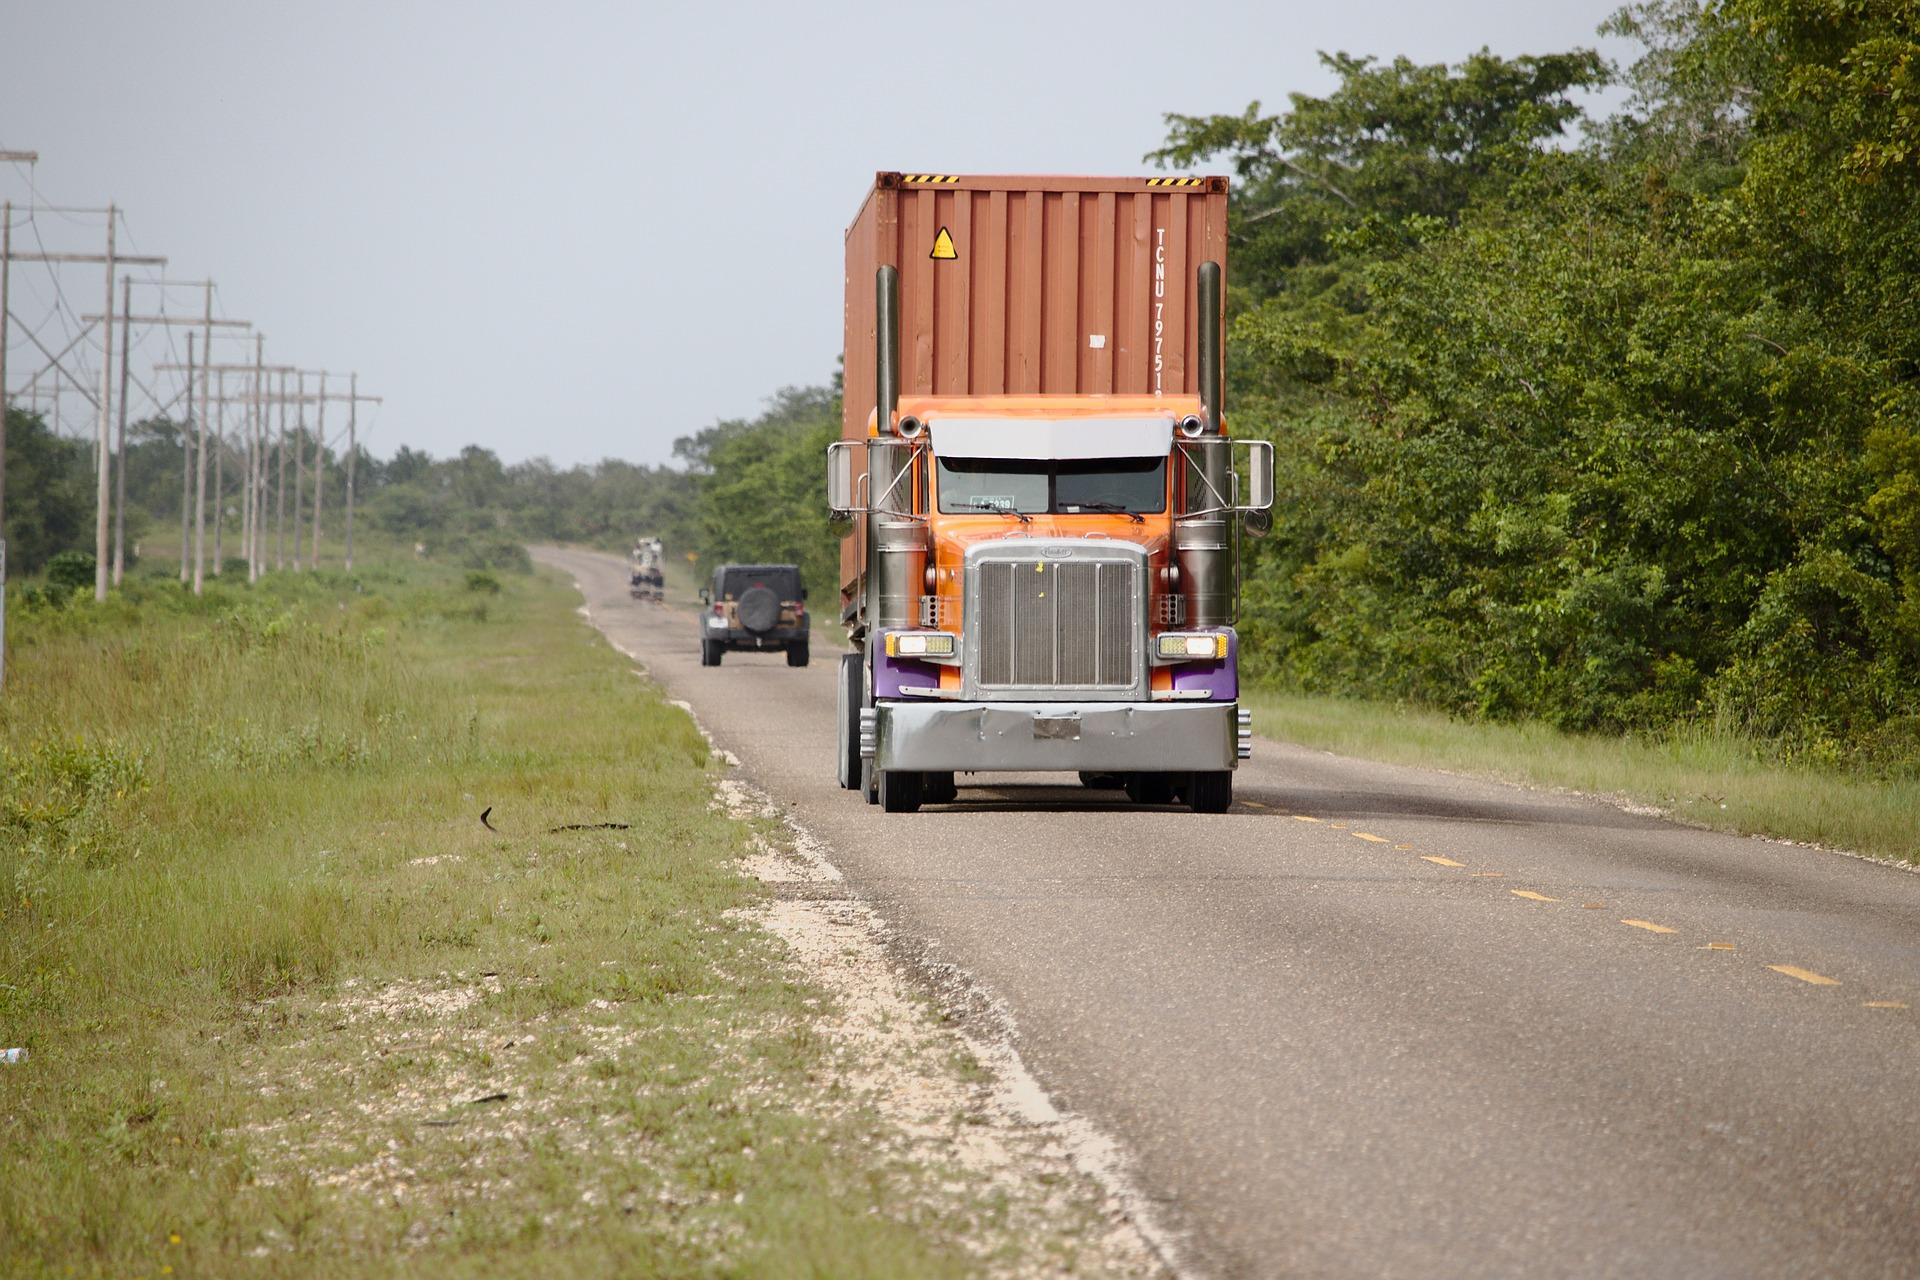 З 1 червня стартують сезонні обмеження руху для вантажоперевізників